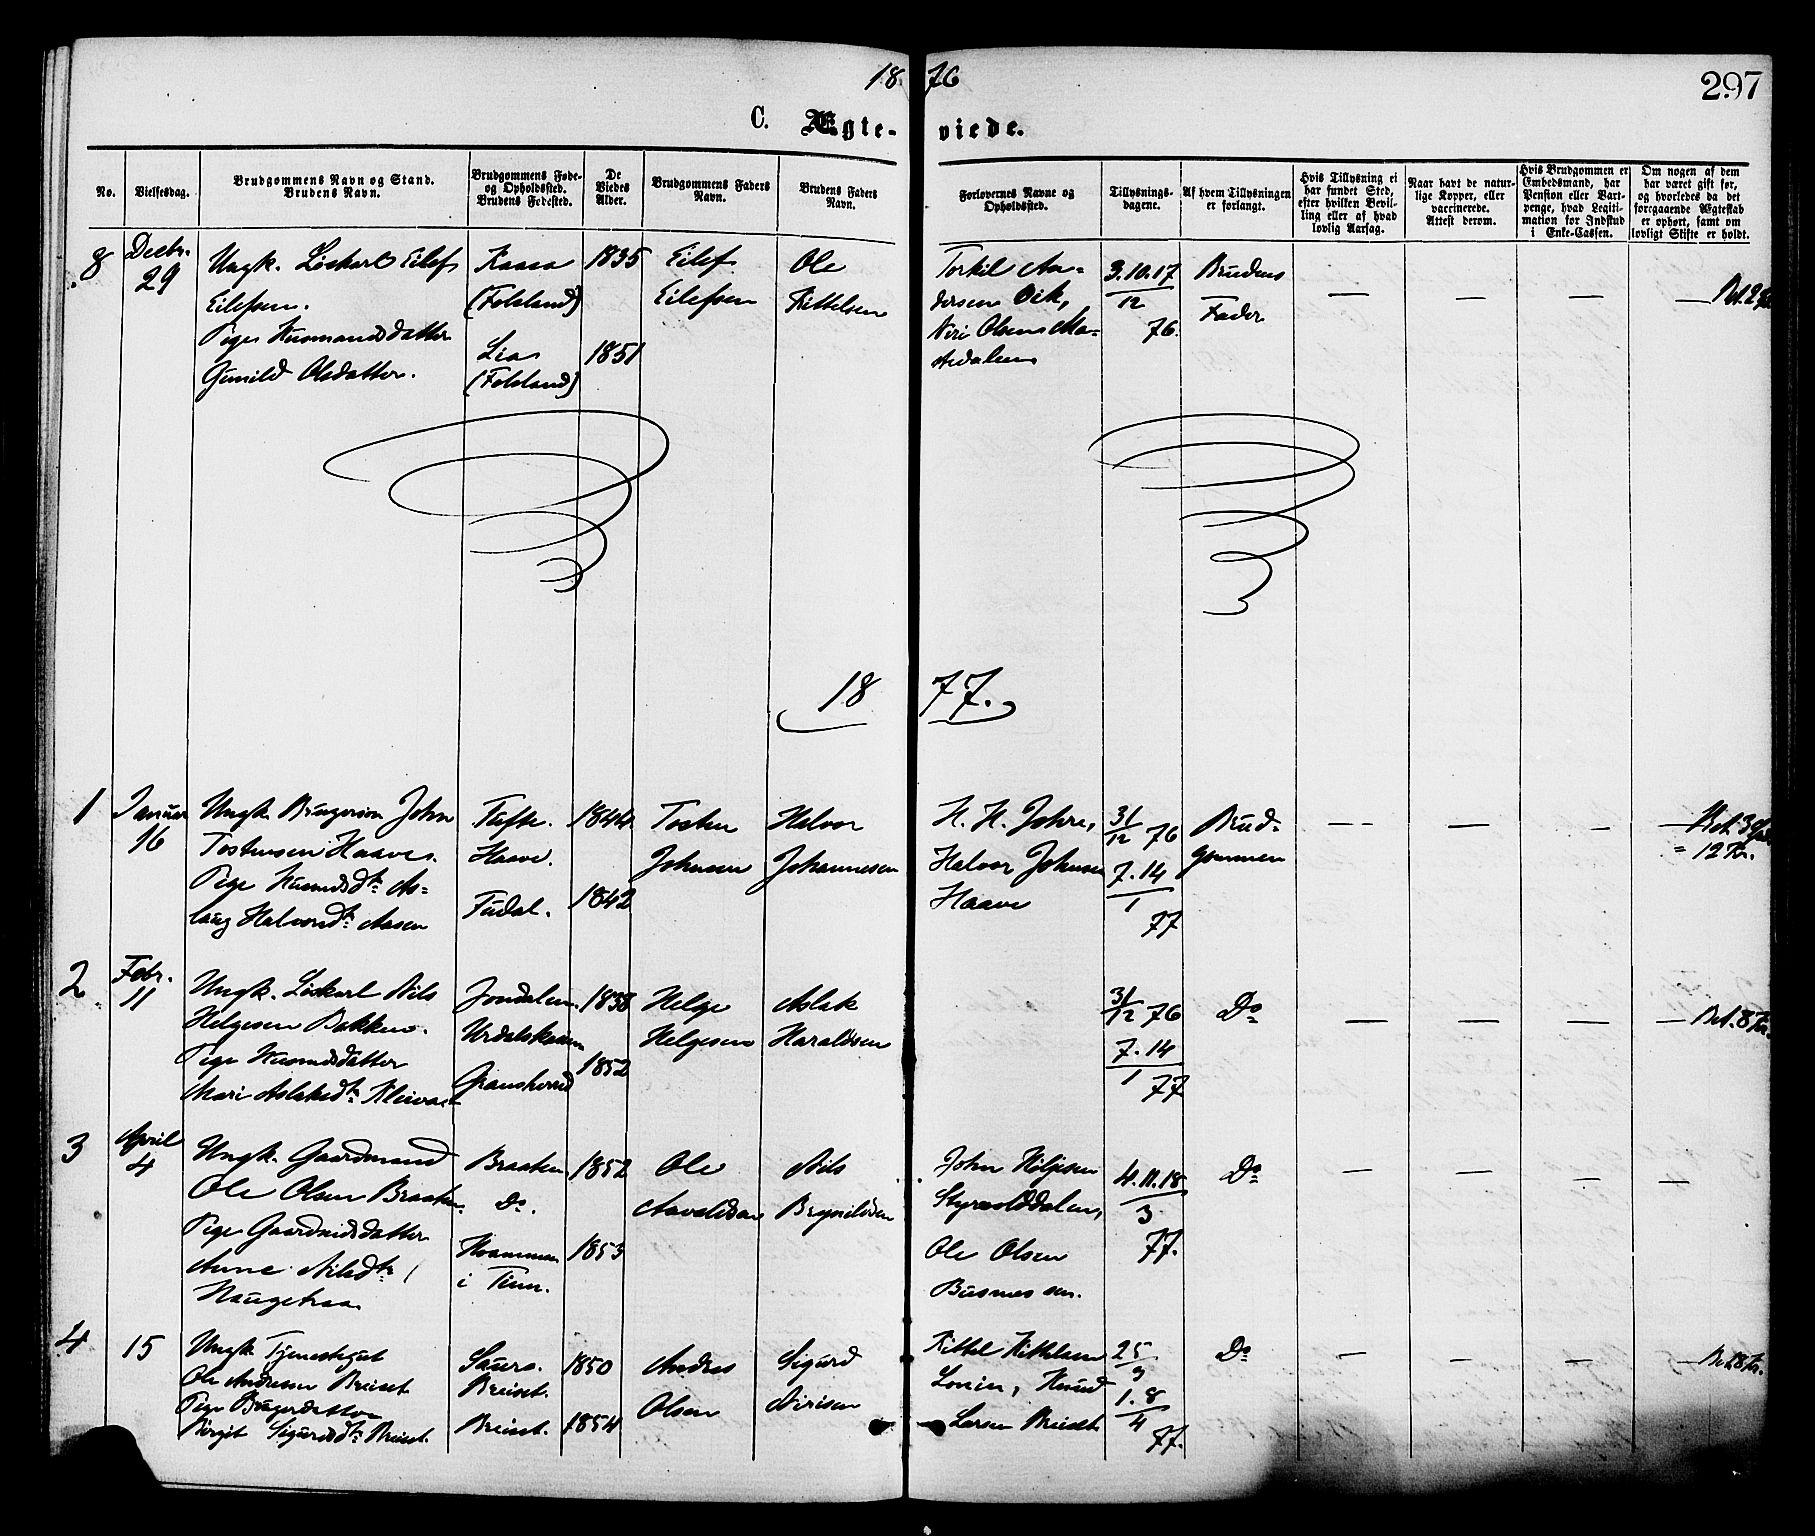 SAKO, Gransherad kirkebøker, F/Fa/L0004: Ministerialbok nr. I 4, 1871-1886, s. 297